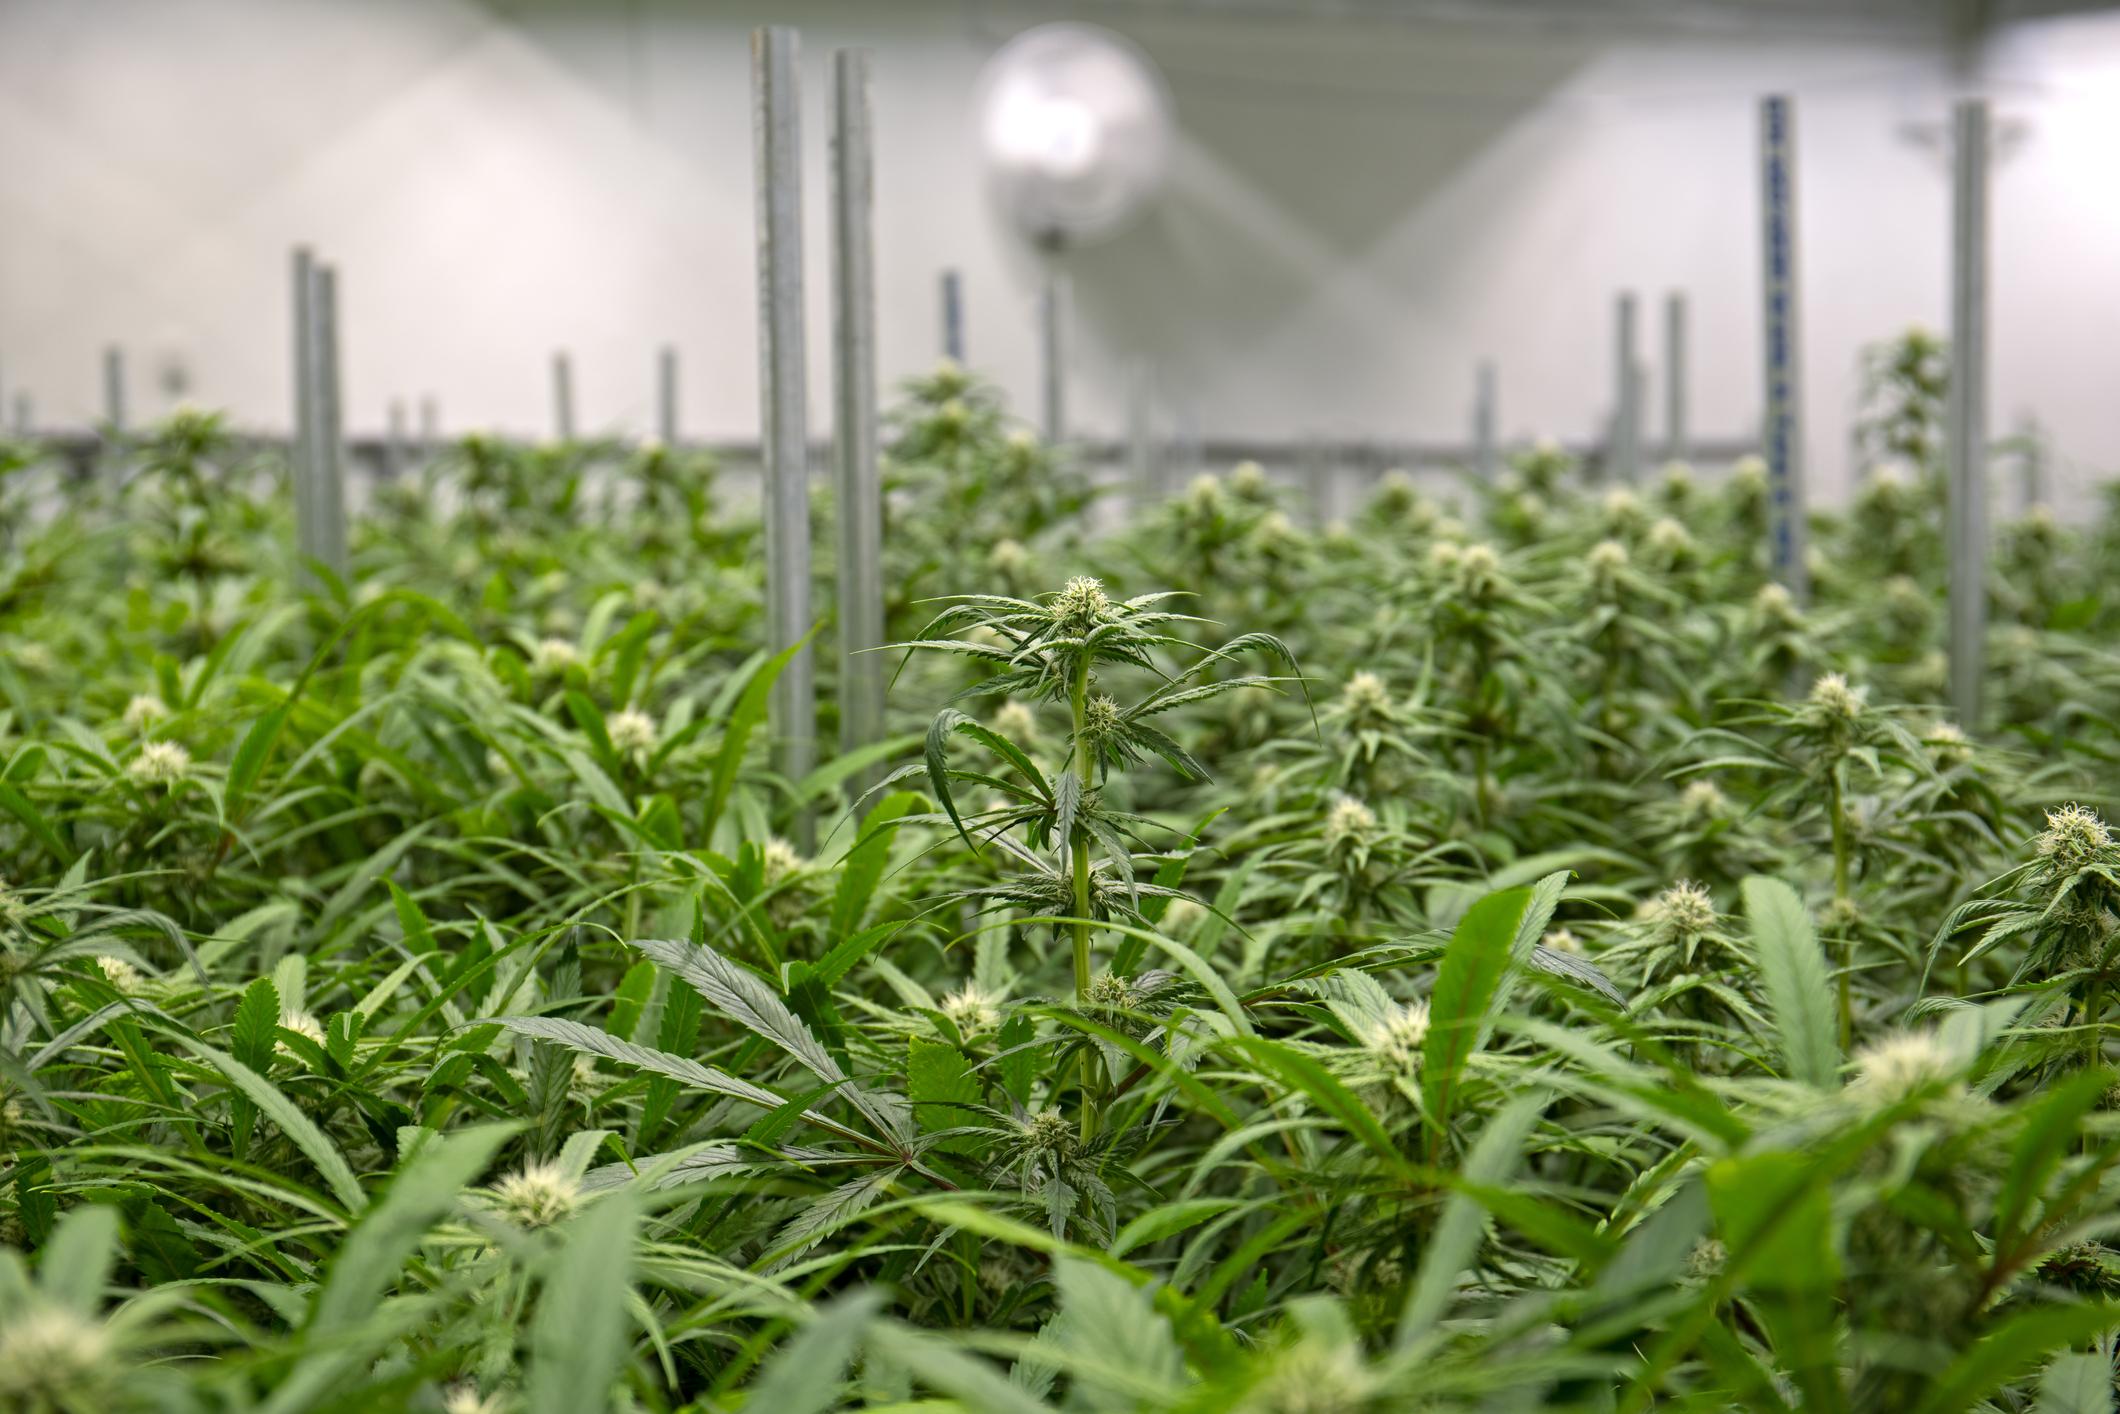 An indoor commercial cannabis farm.